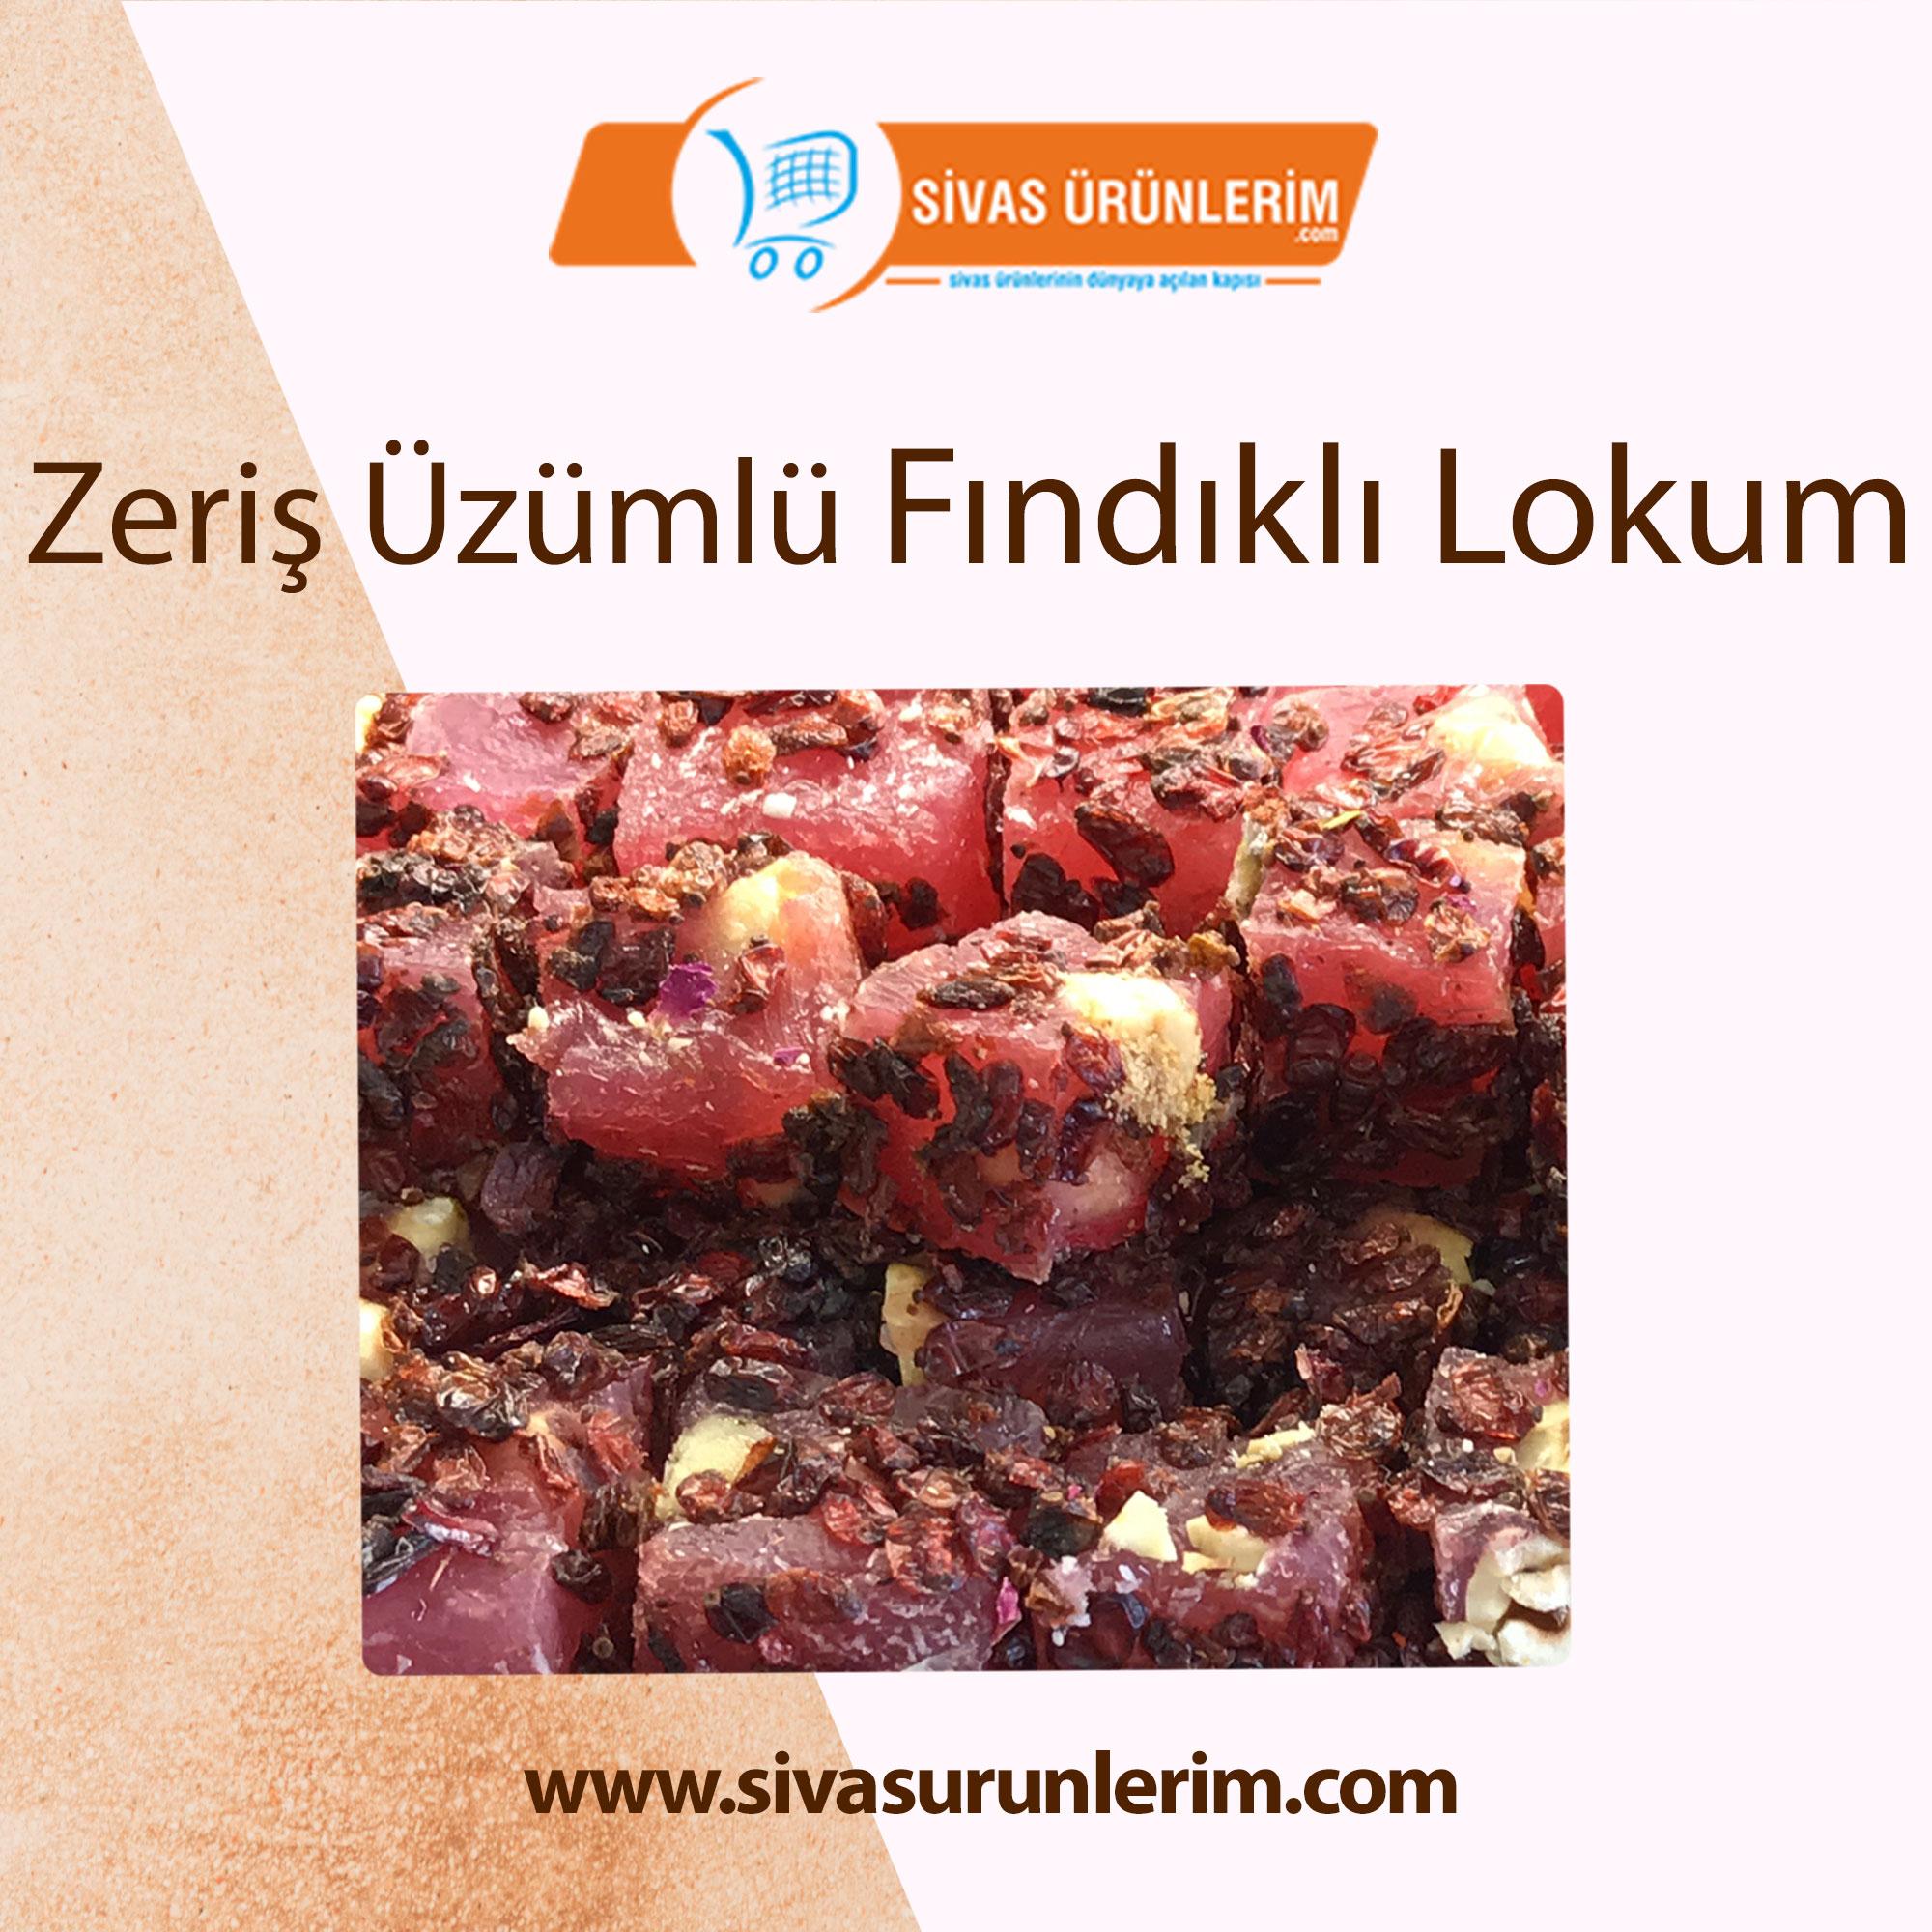 Zeriş Üzümlü Fındıklı Lokum